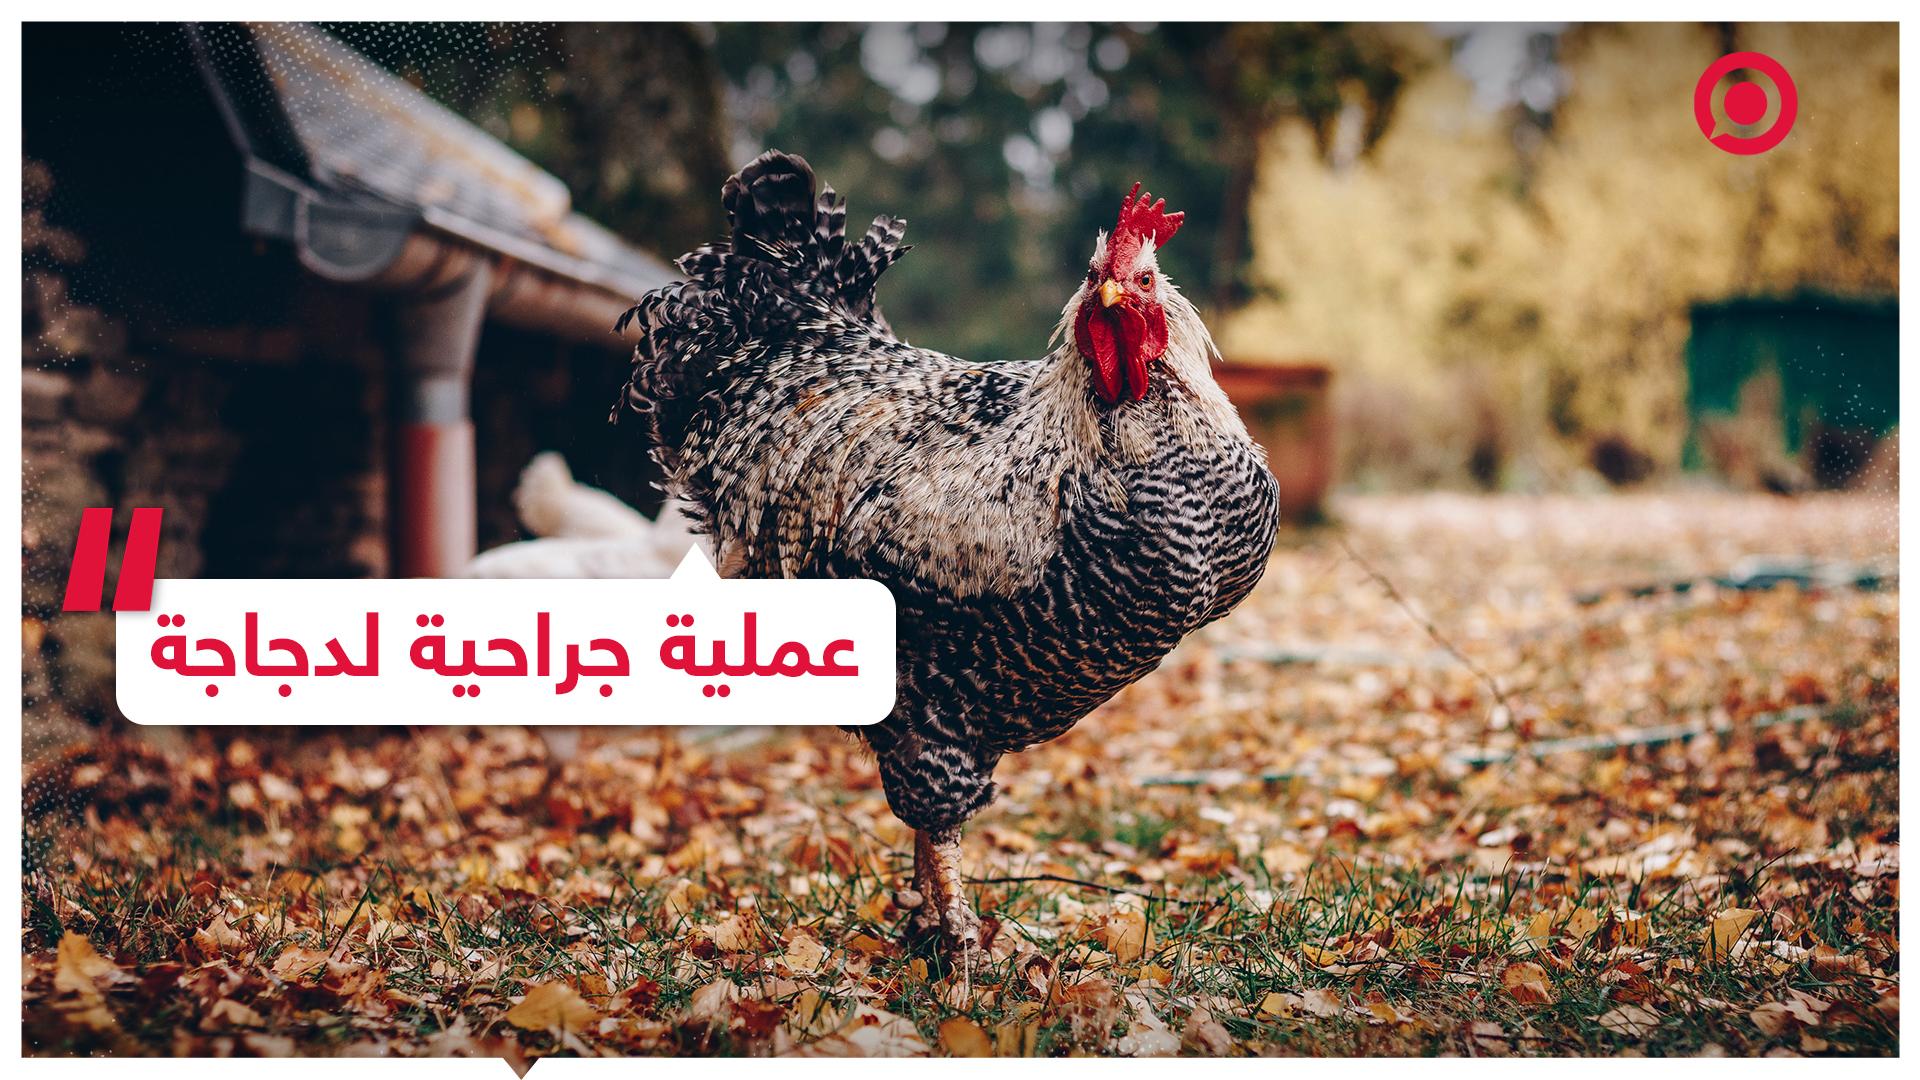 عملية جراحية لدجاجة في مصر تثير الجدل